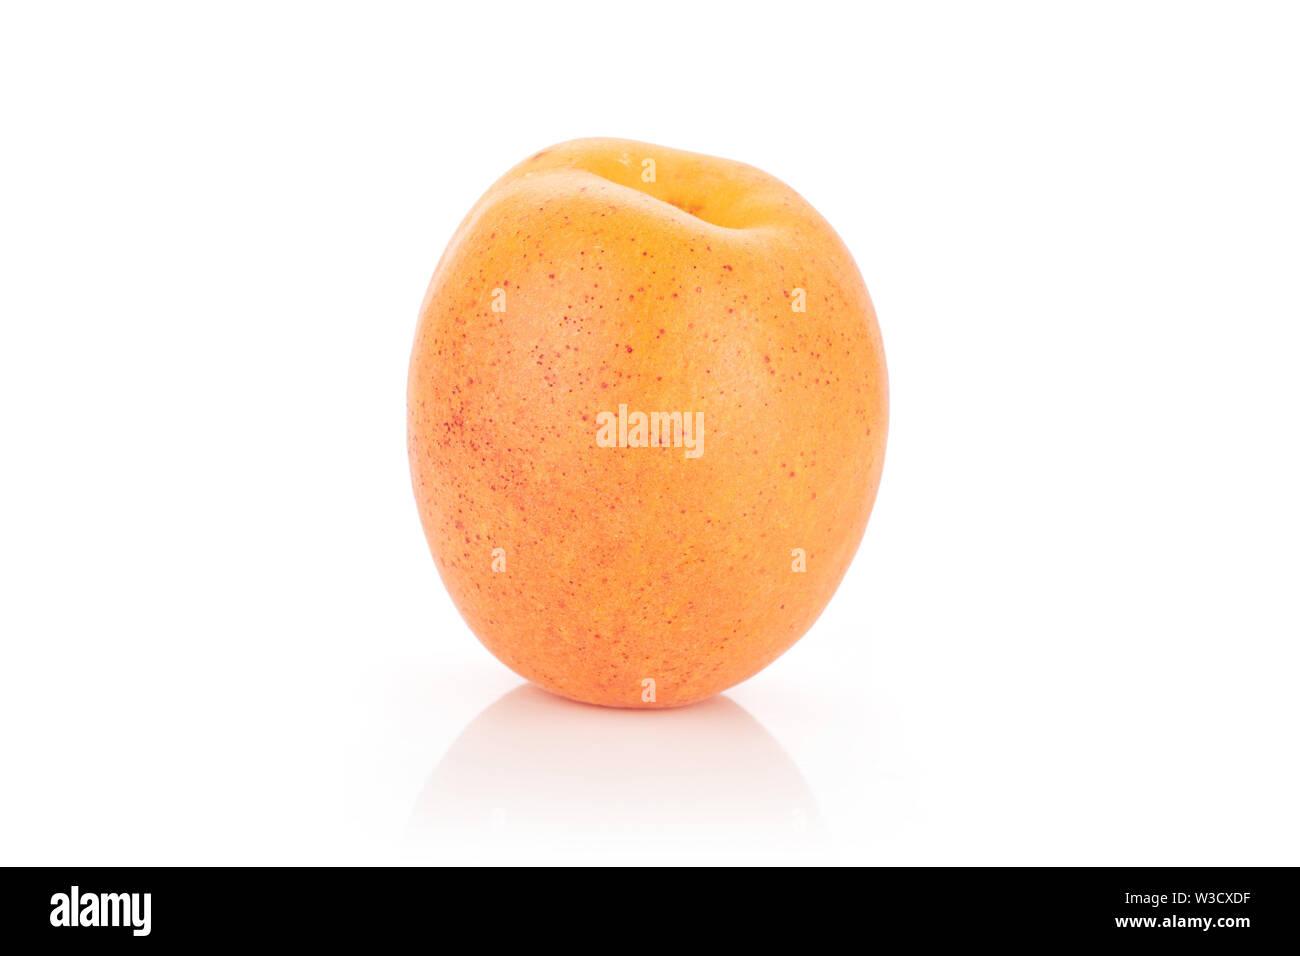 One whole velvety fresh deep orange apricot isolated on white background - Stock Image